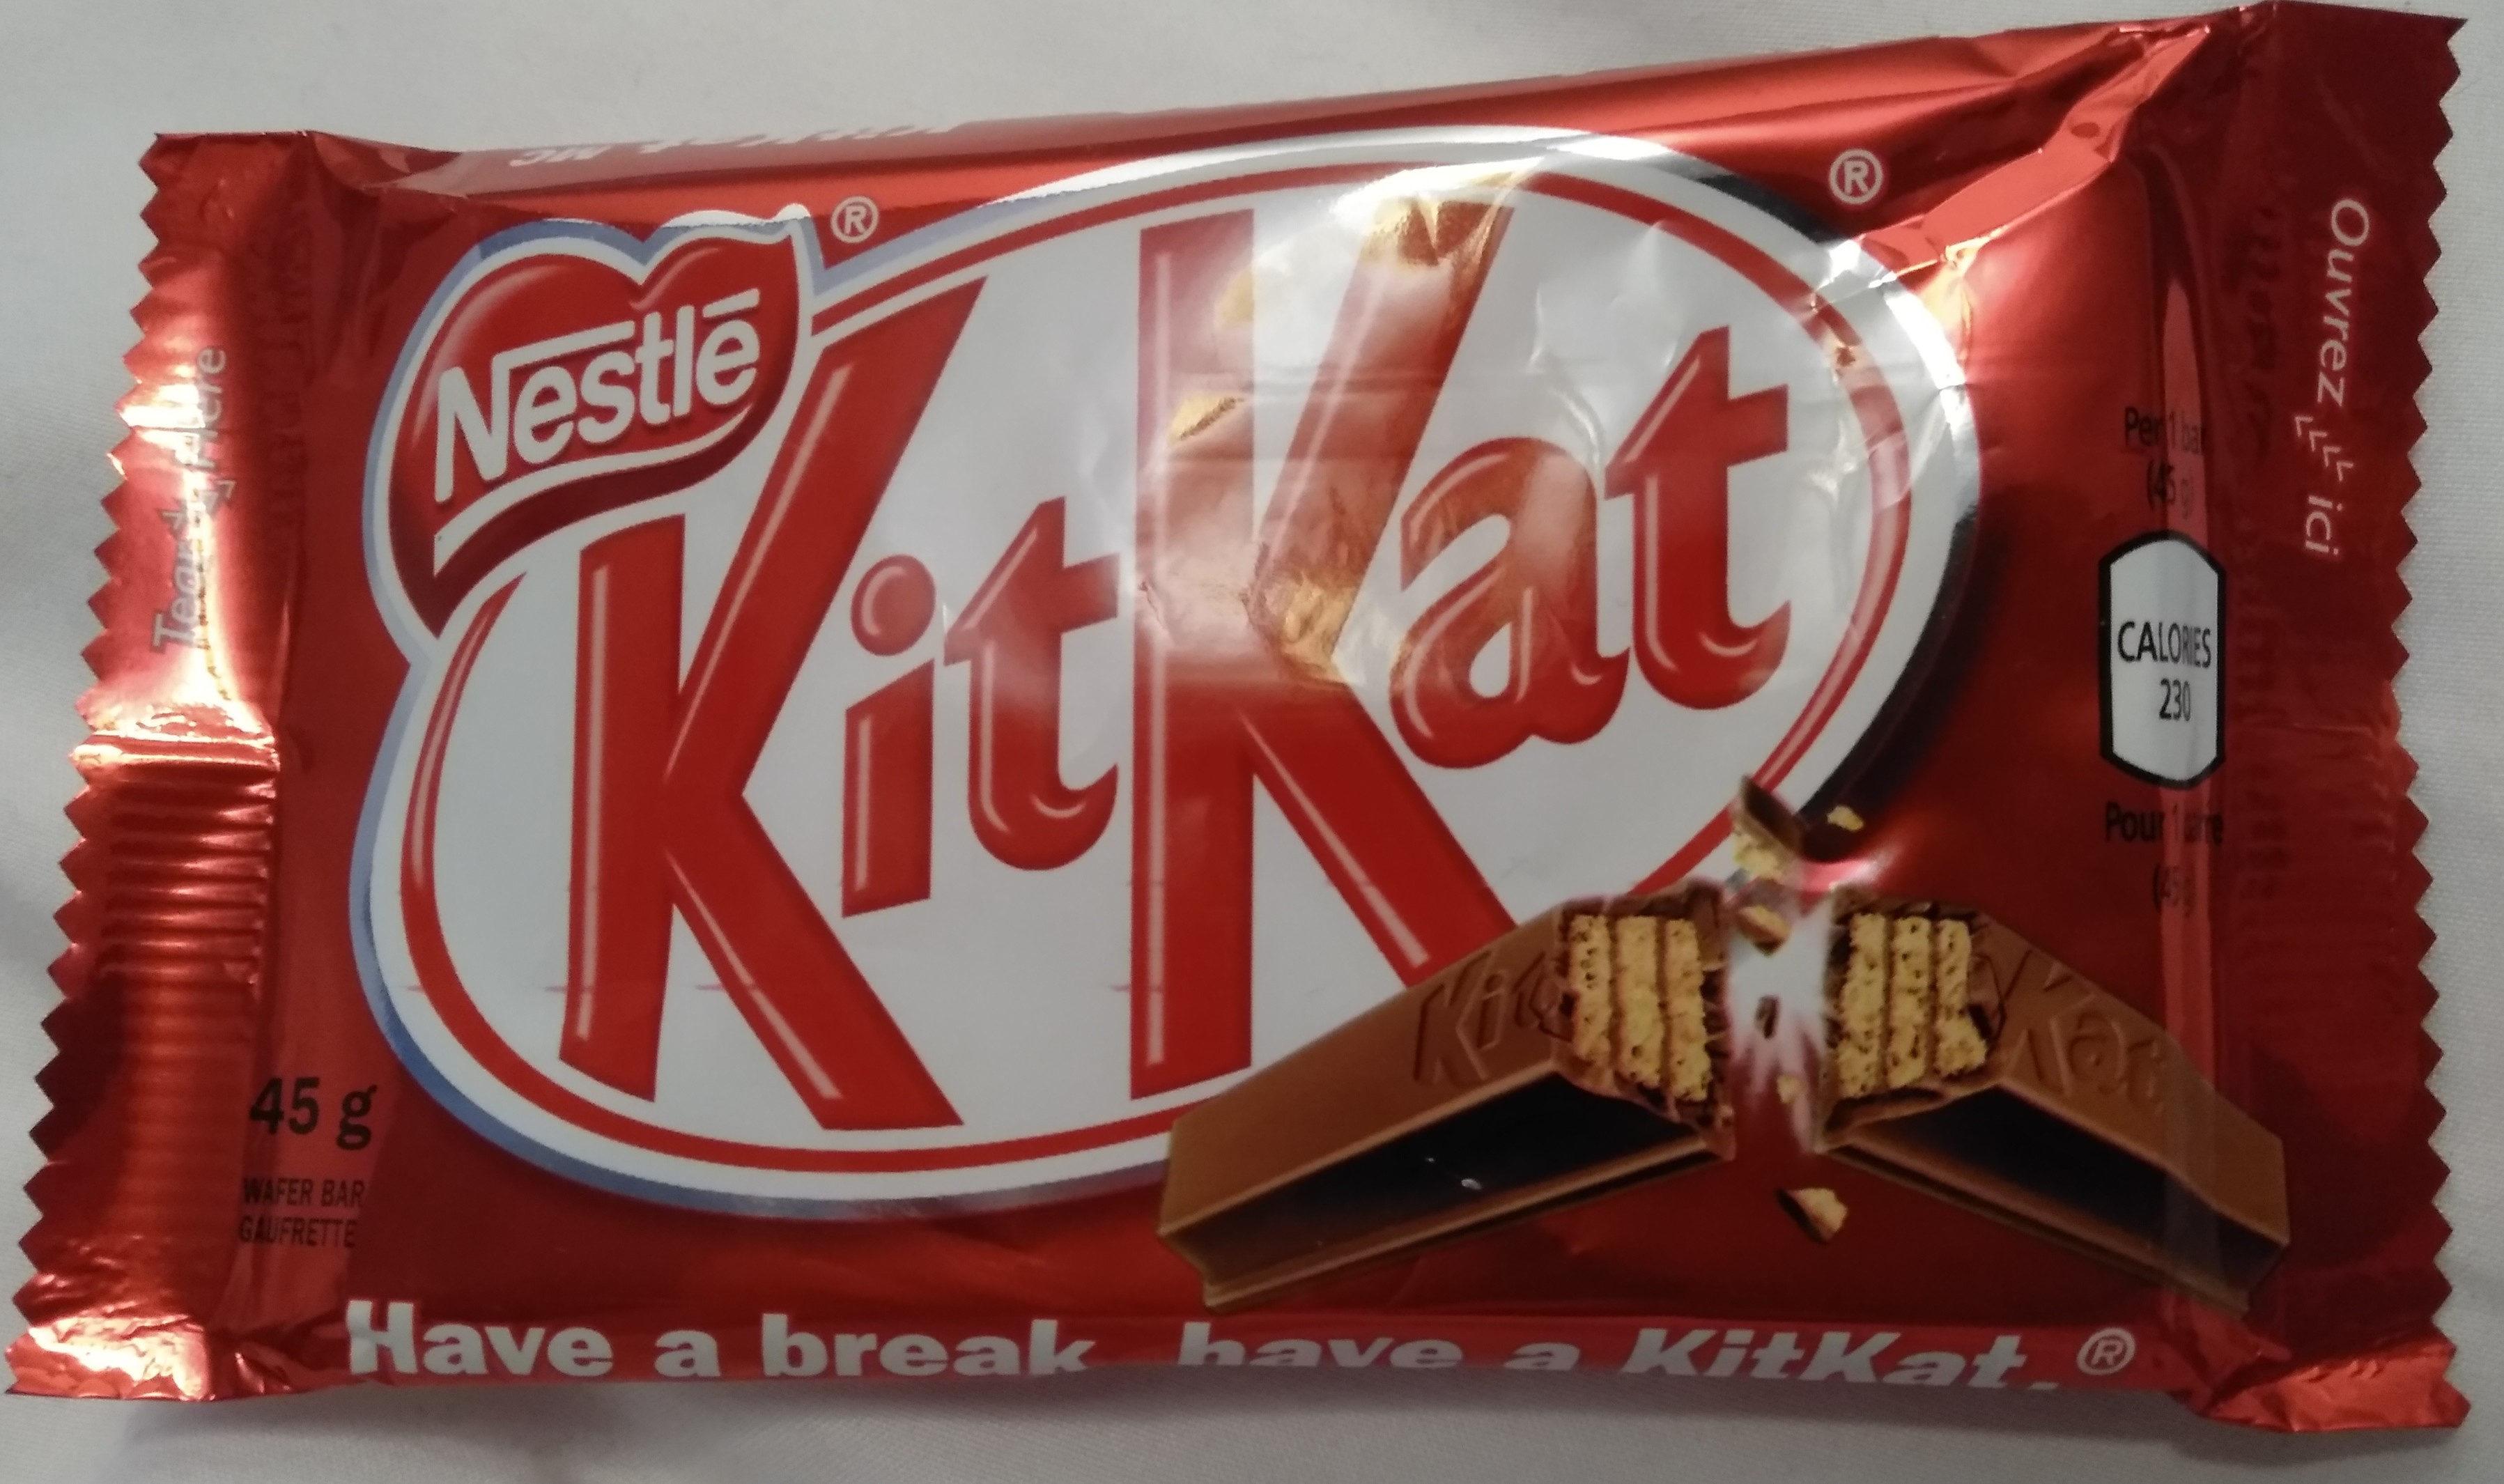 Kit Kat - Product - fr